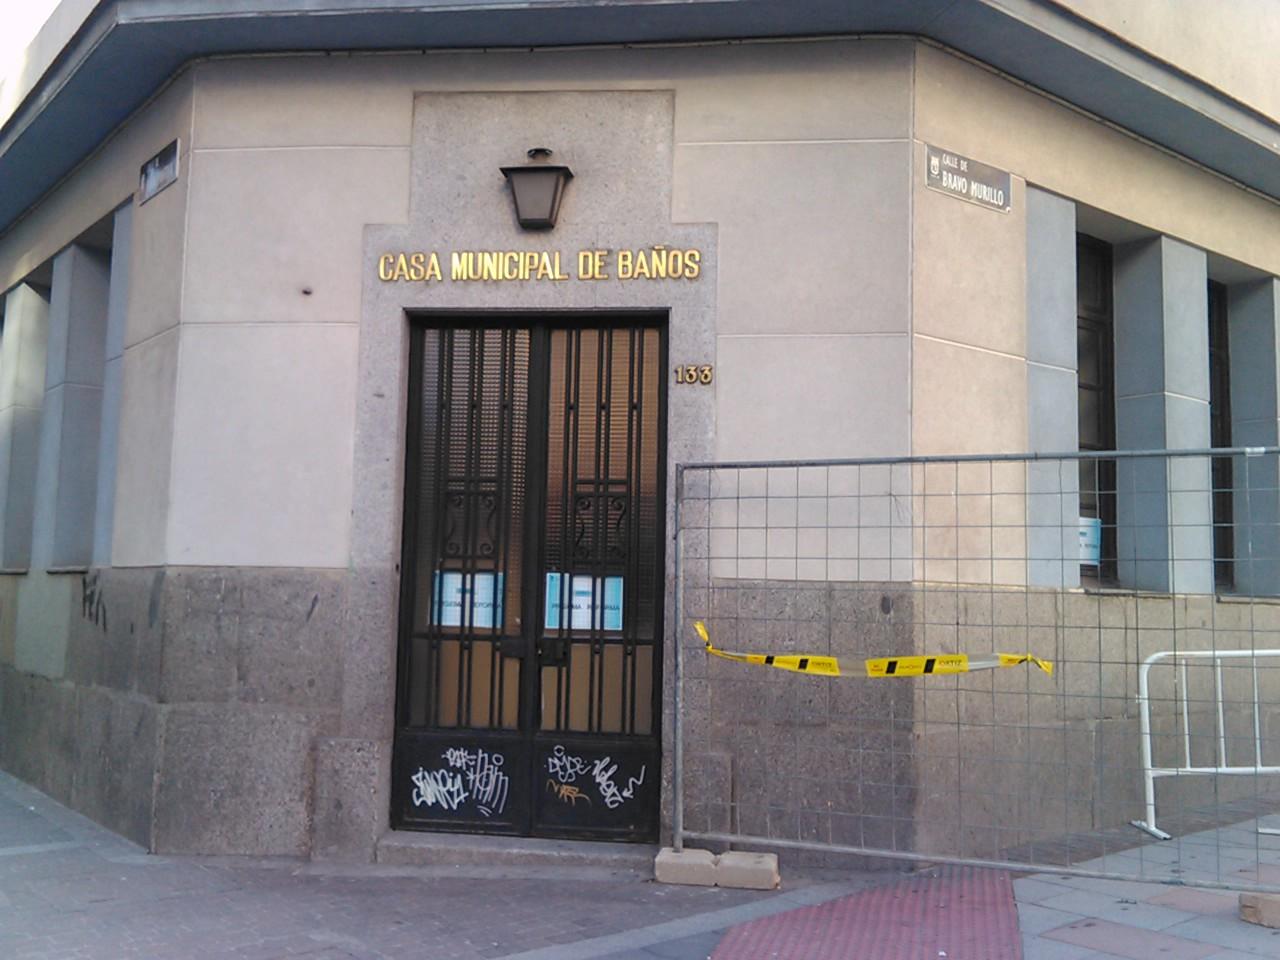 El blog de beaburgos casa de ba os de tetu n bravo - Banos en madrid ...